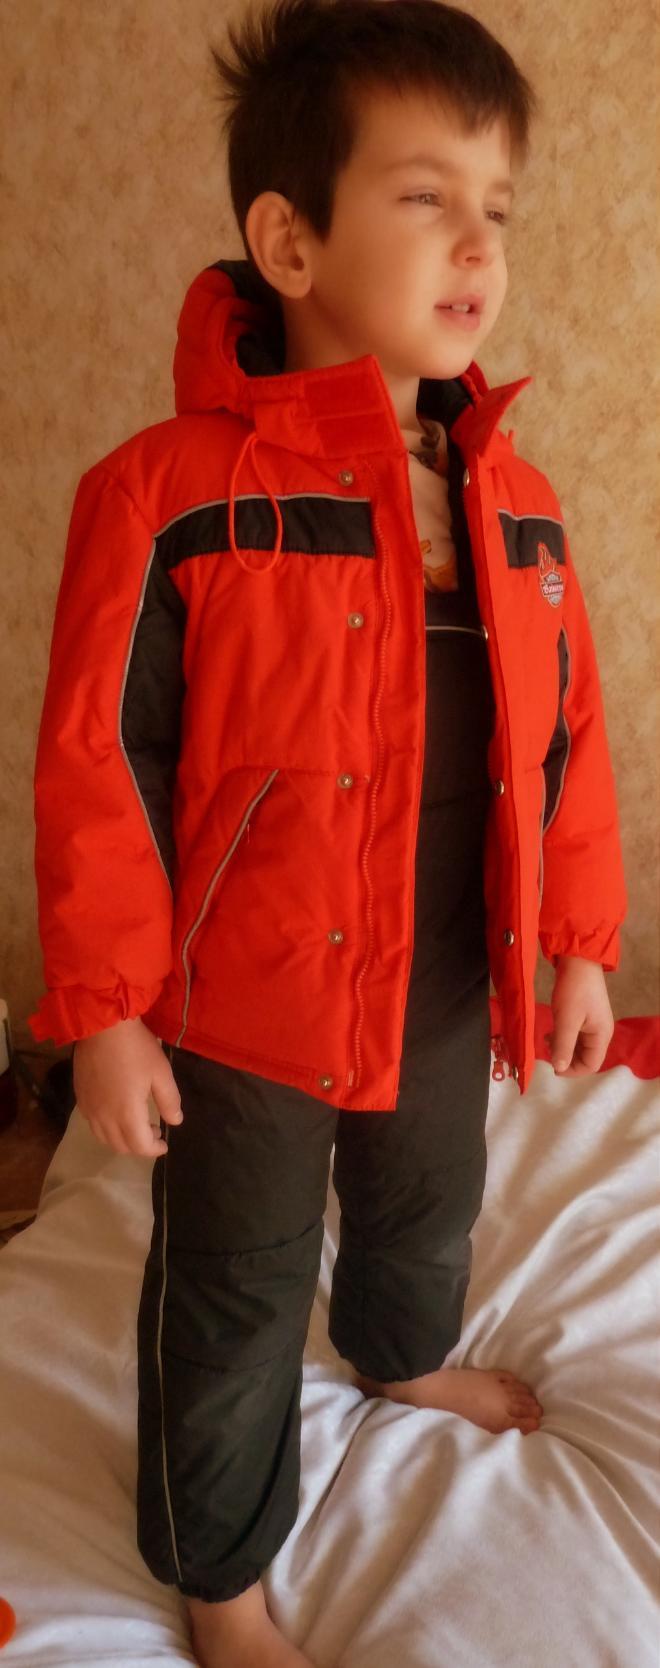 Комплект Этти Детти, размер 110, модель рост 124, нормального телосложения. Реально носили где-то до 115. Из-за резинок на рукавах и штанинах реально носить от 98-100 см.